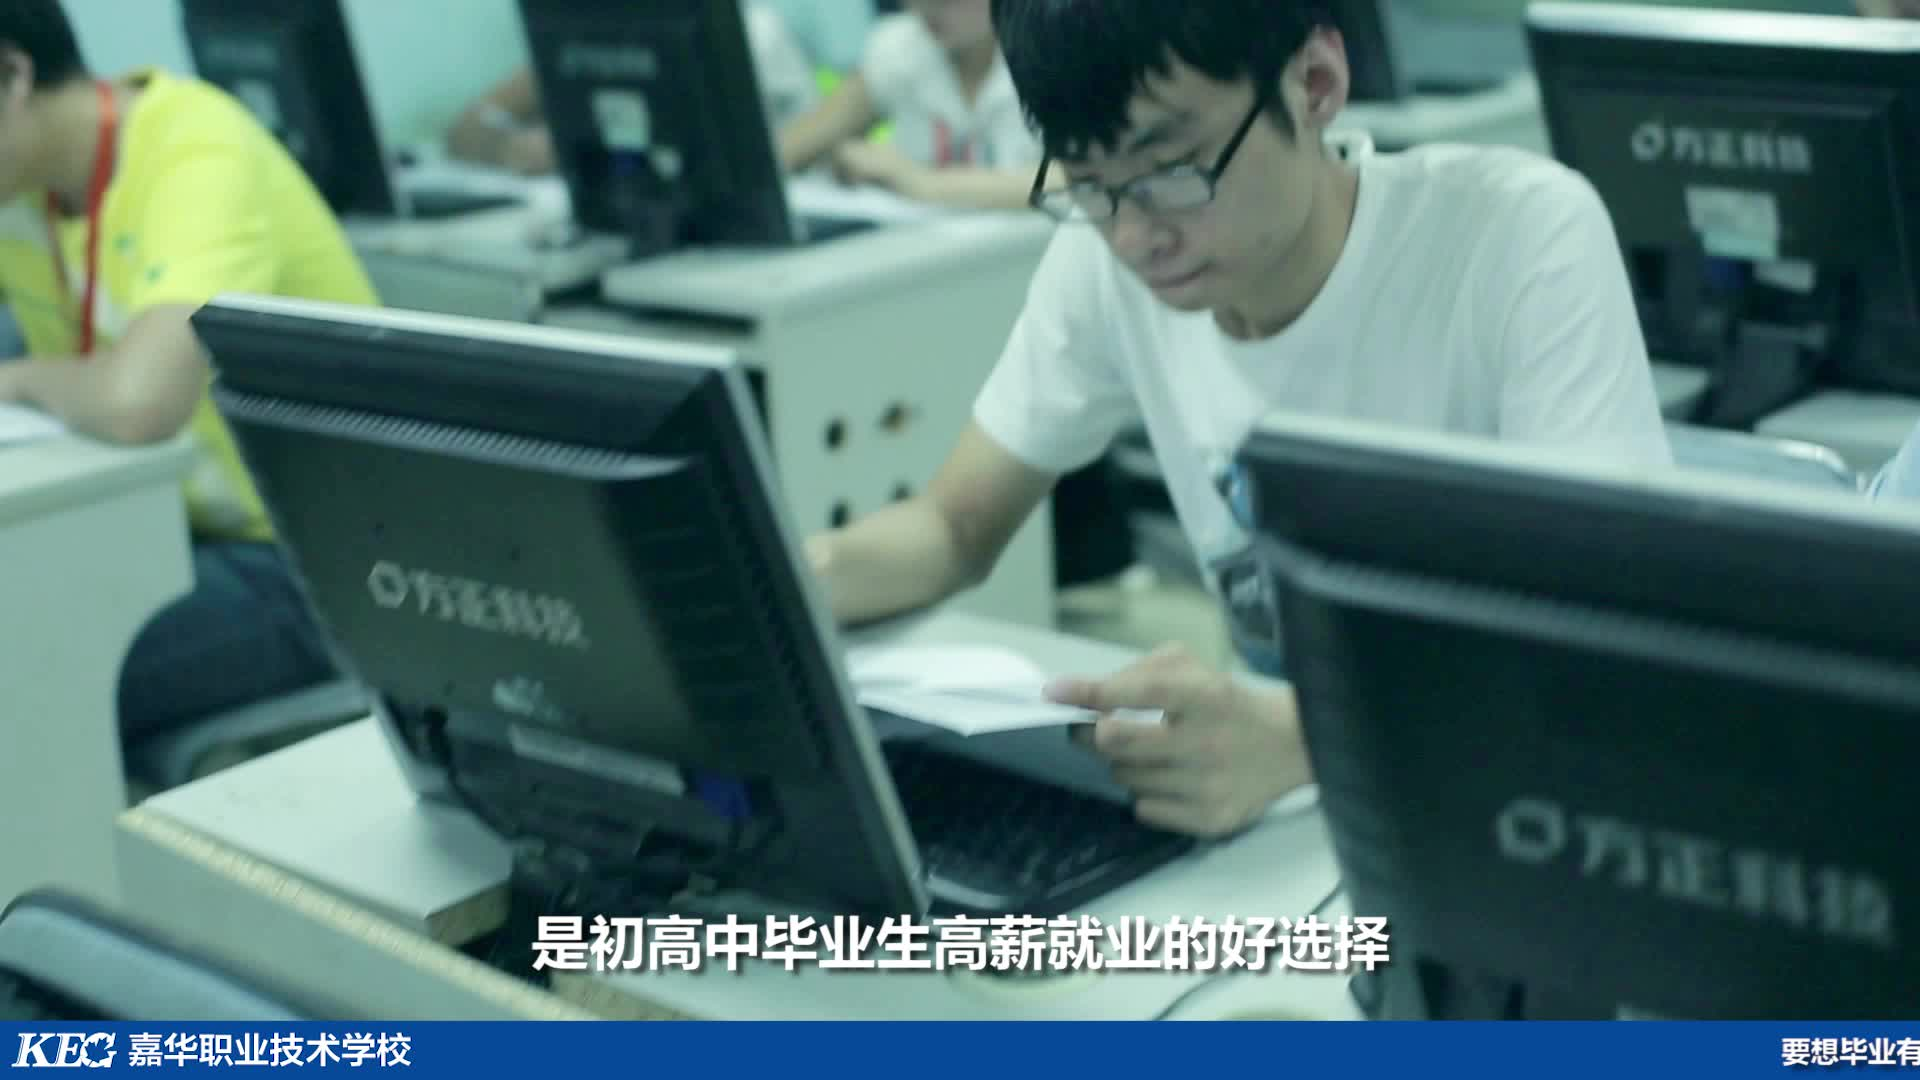 """嘉华肇庆电视广告-""""要想毕业有出路 报读嘉华学技术"""""""